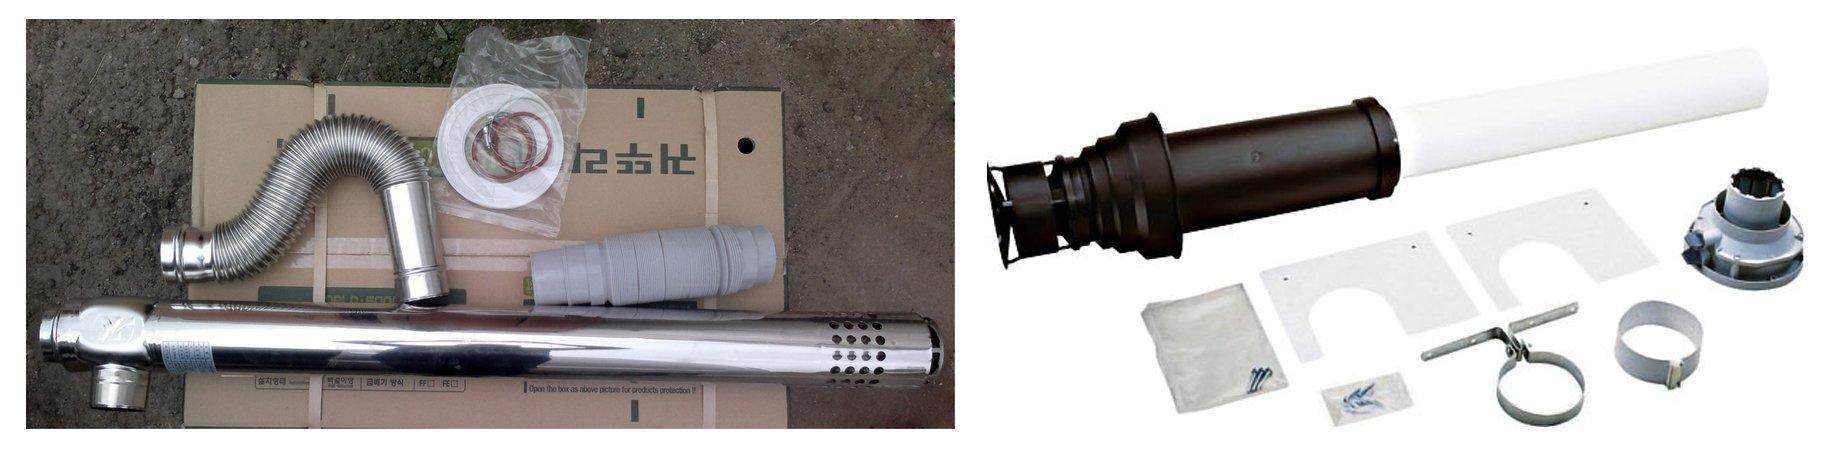 Коаксиальный или классический дымоход коаксиальный дымоход для котла бакси